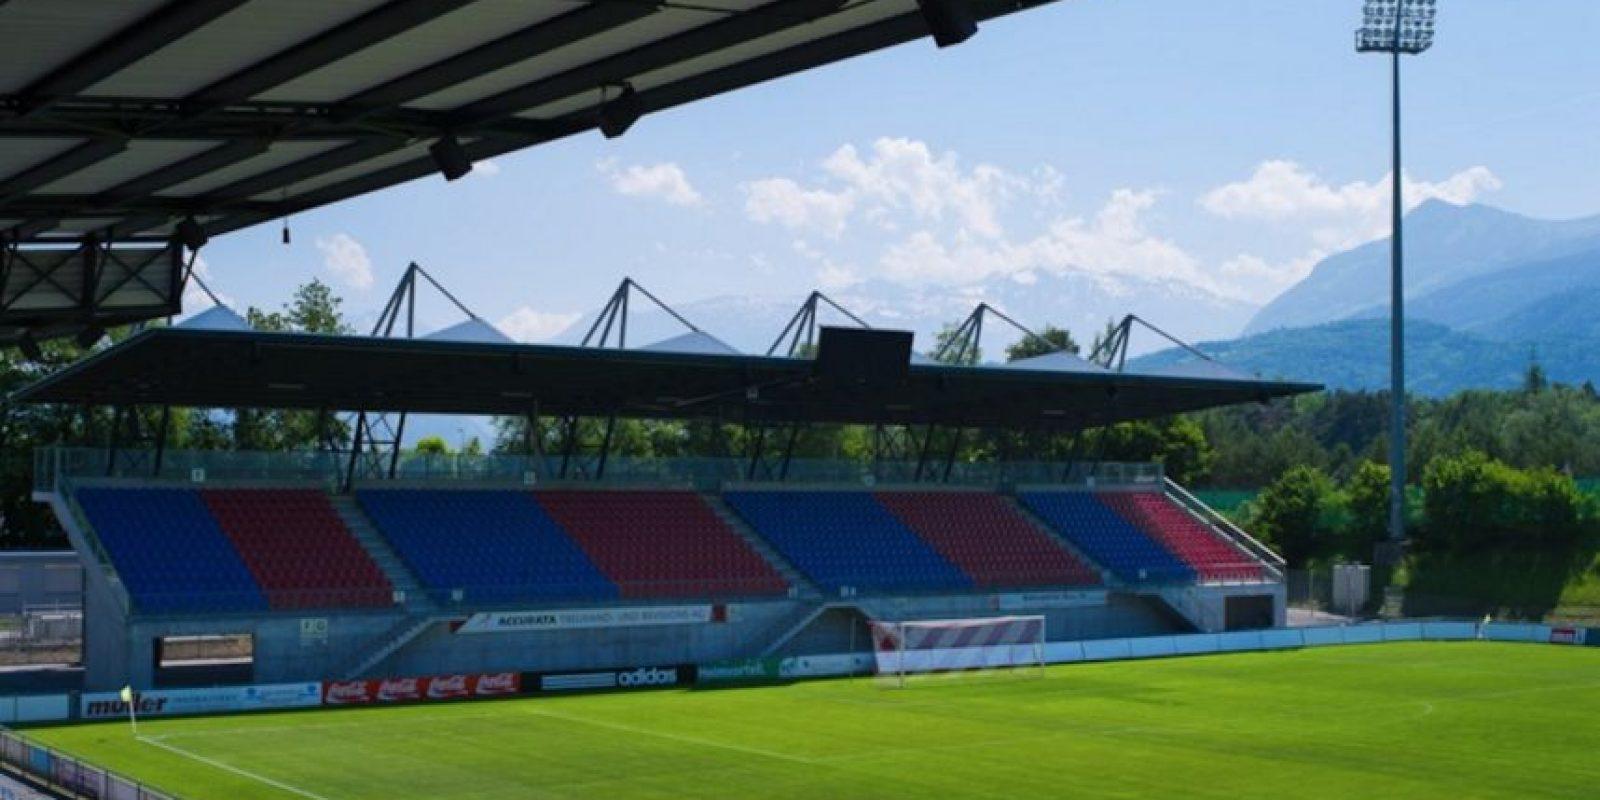 Rheinpark Stadion (Liechtenstein). Es el estadio más importante de Liechtenstein y ofrece una increíble vista de los Alpes. Con sus seis mil espectadores, es el estadio más importante del país y es la casa de la selección y el FC Vaduz. Foto:Sitio web oficial FC Vaduz